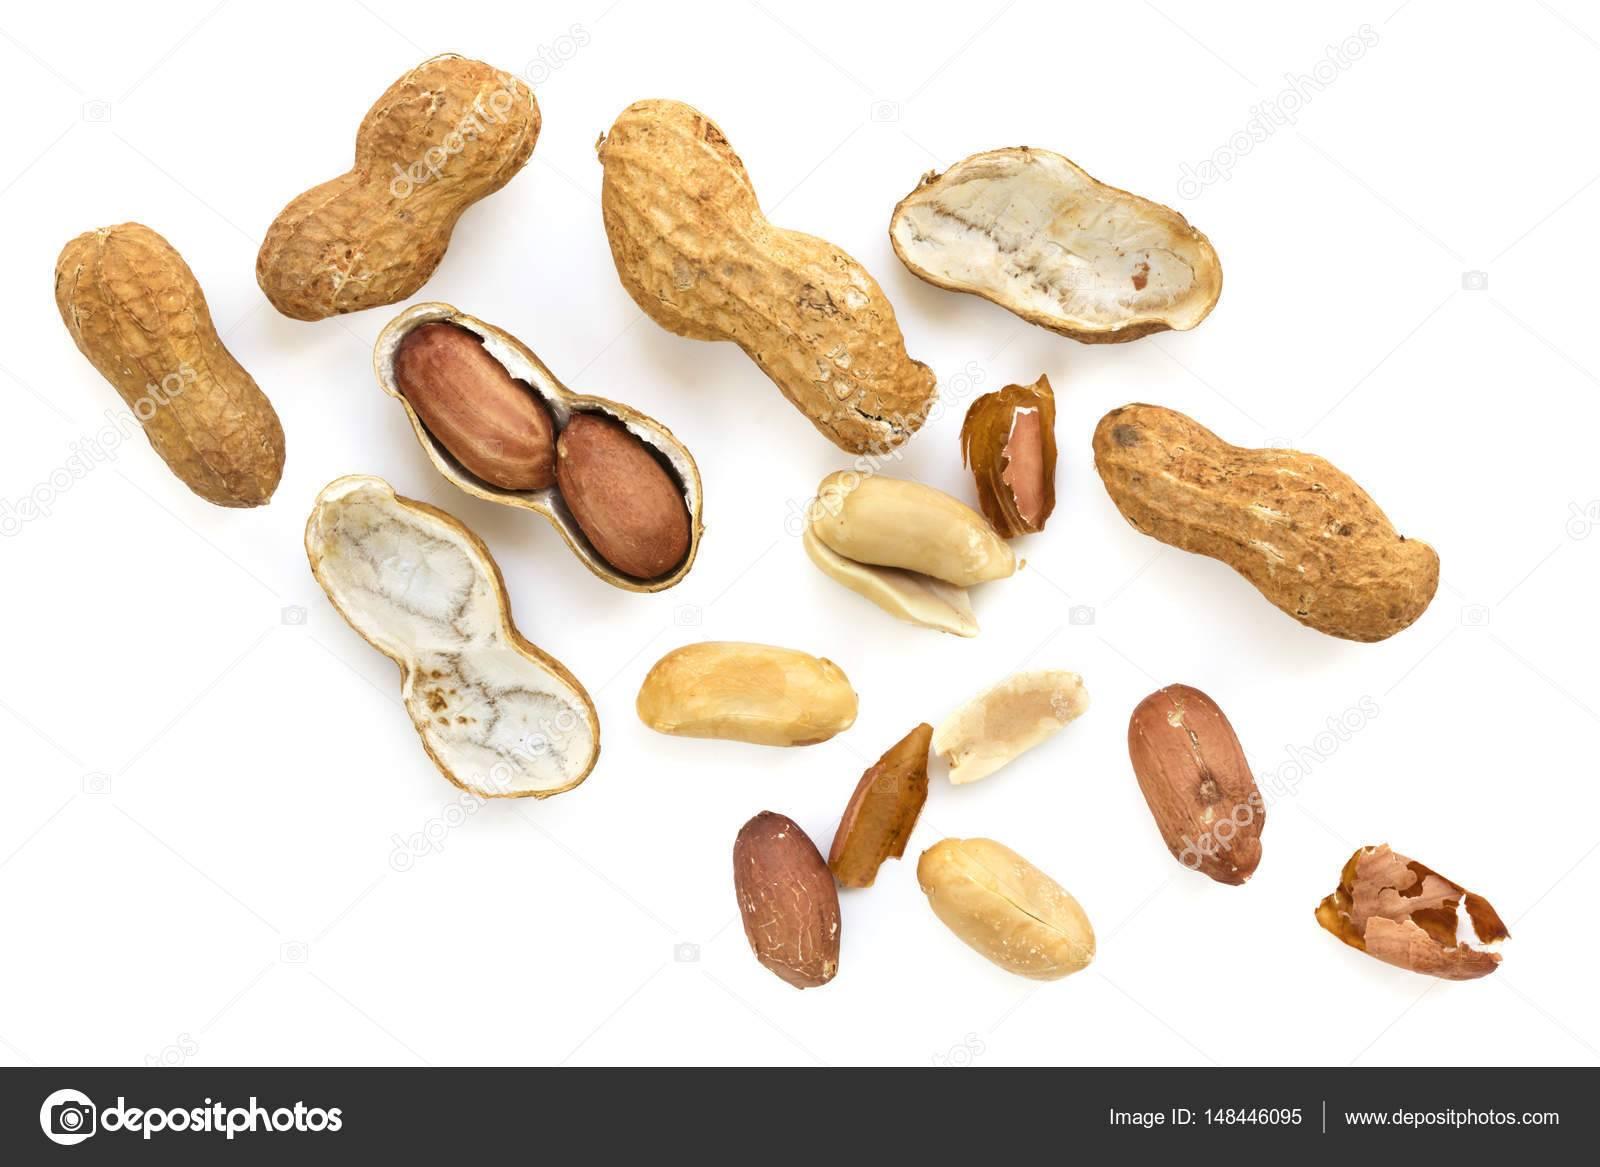 Арахис — земляной орех